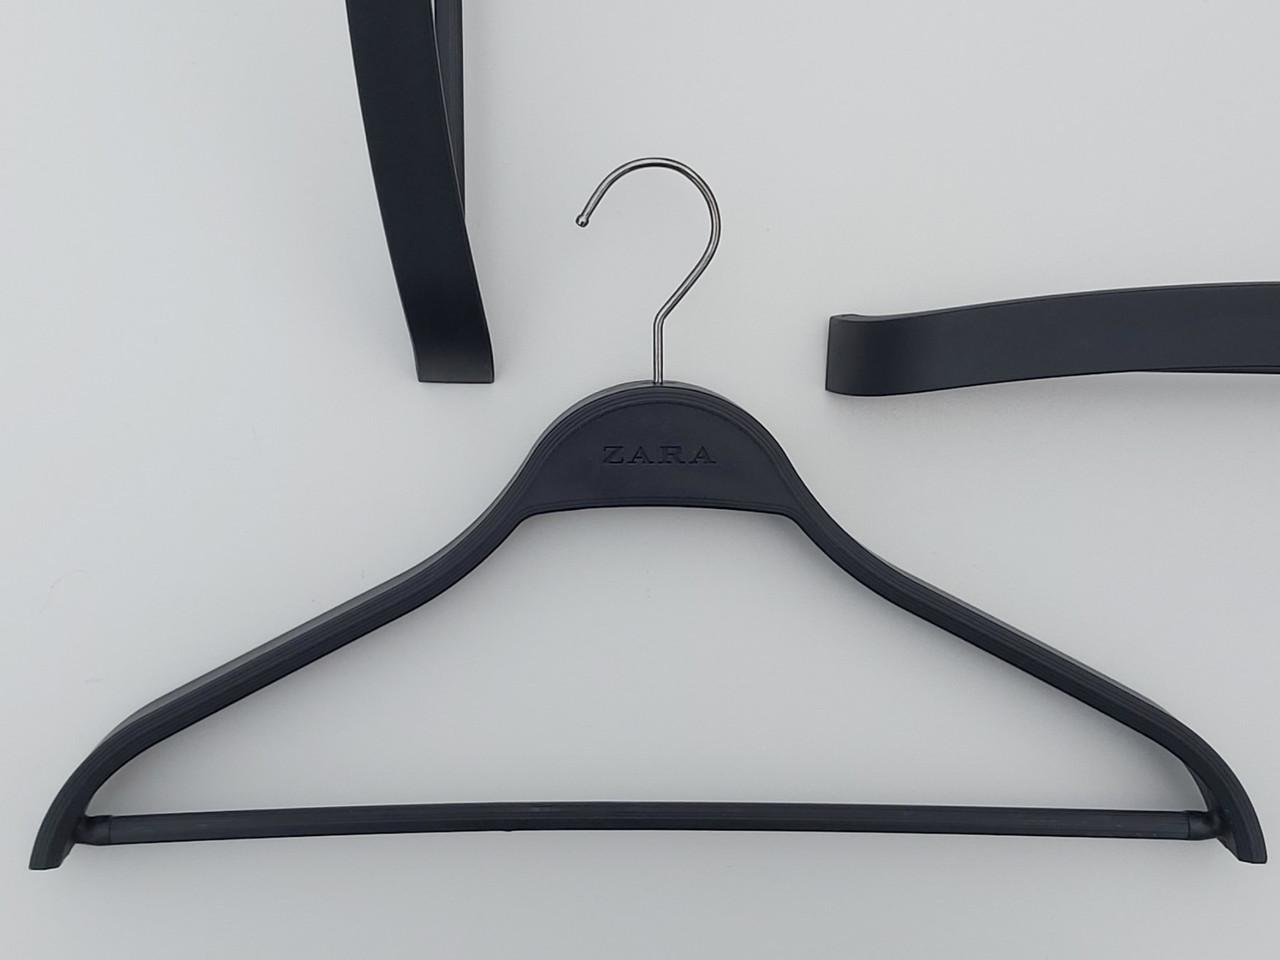 Плечики пластмассовые   ZSH41  Zara  черного цвета, длина 41 см